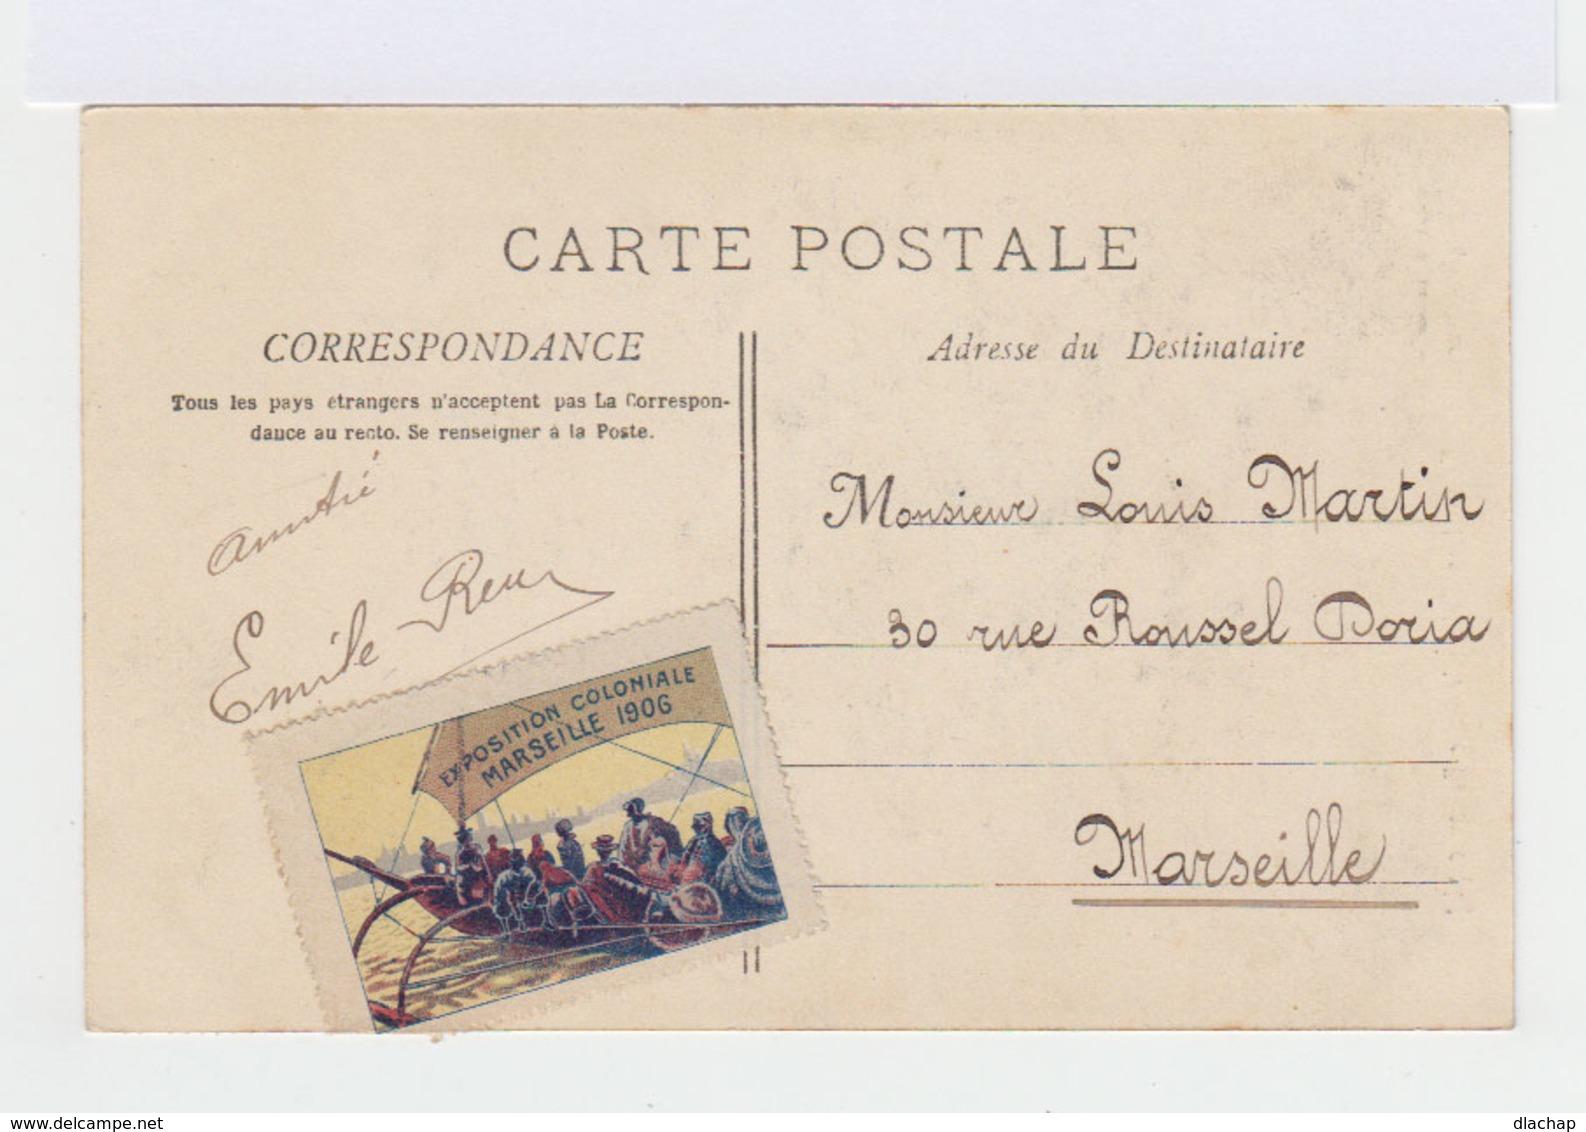 Carte Postale Marseille Vignette Exposition Coloniale. CAD Hexagonal Exposition Coloniale 1906. (761) - Marcophilie (Lettres)